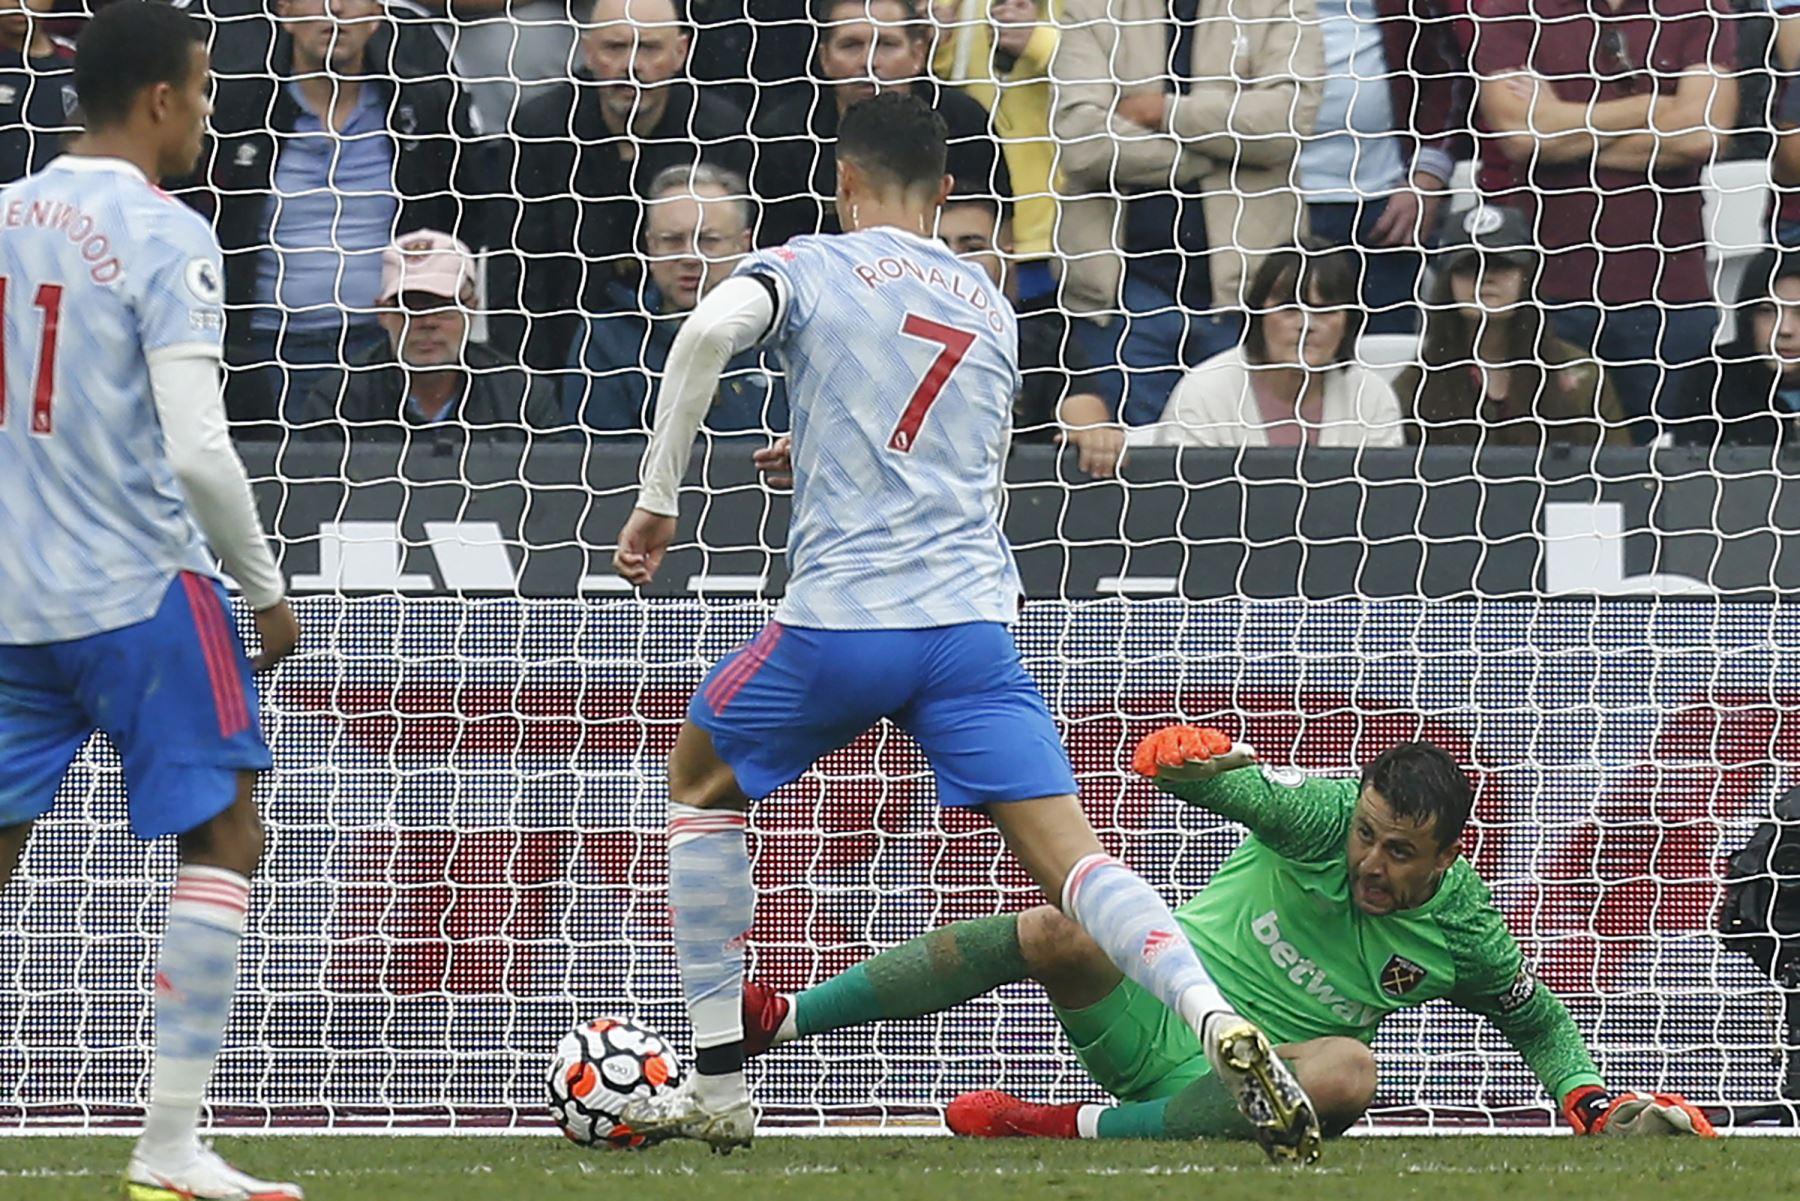 El delantero portugués del Manchester United, Cristiano Ronaldo, anota su primer gol ante el portero polaco del West Ham, Lukasz Fabianski, durante el partido de la Premier League. Foto: AFP